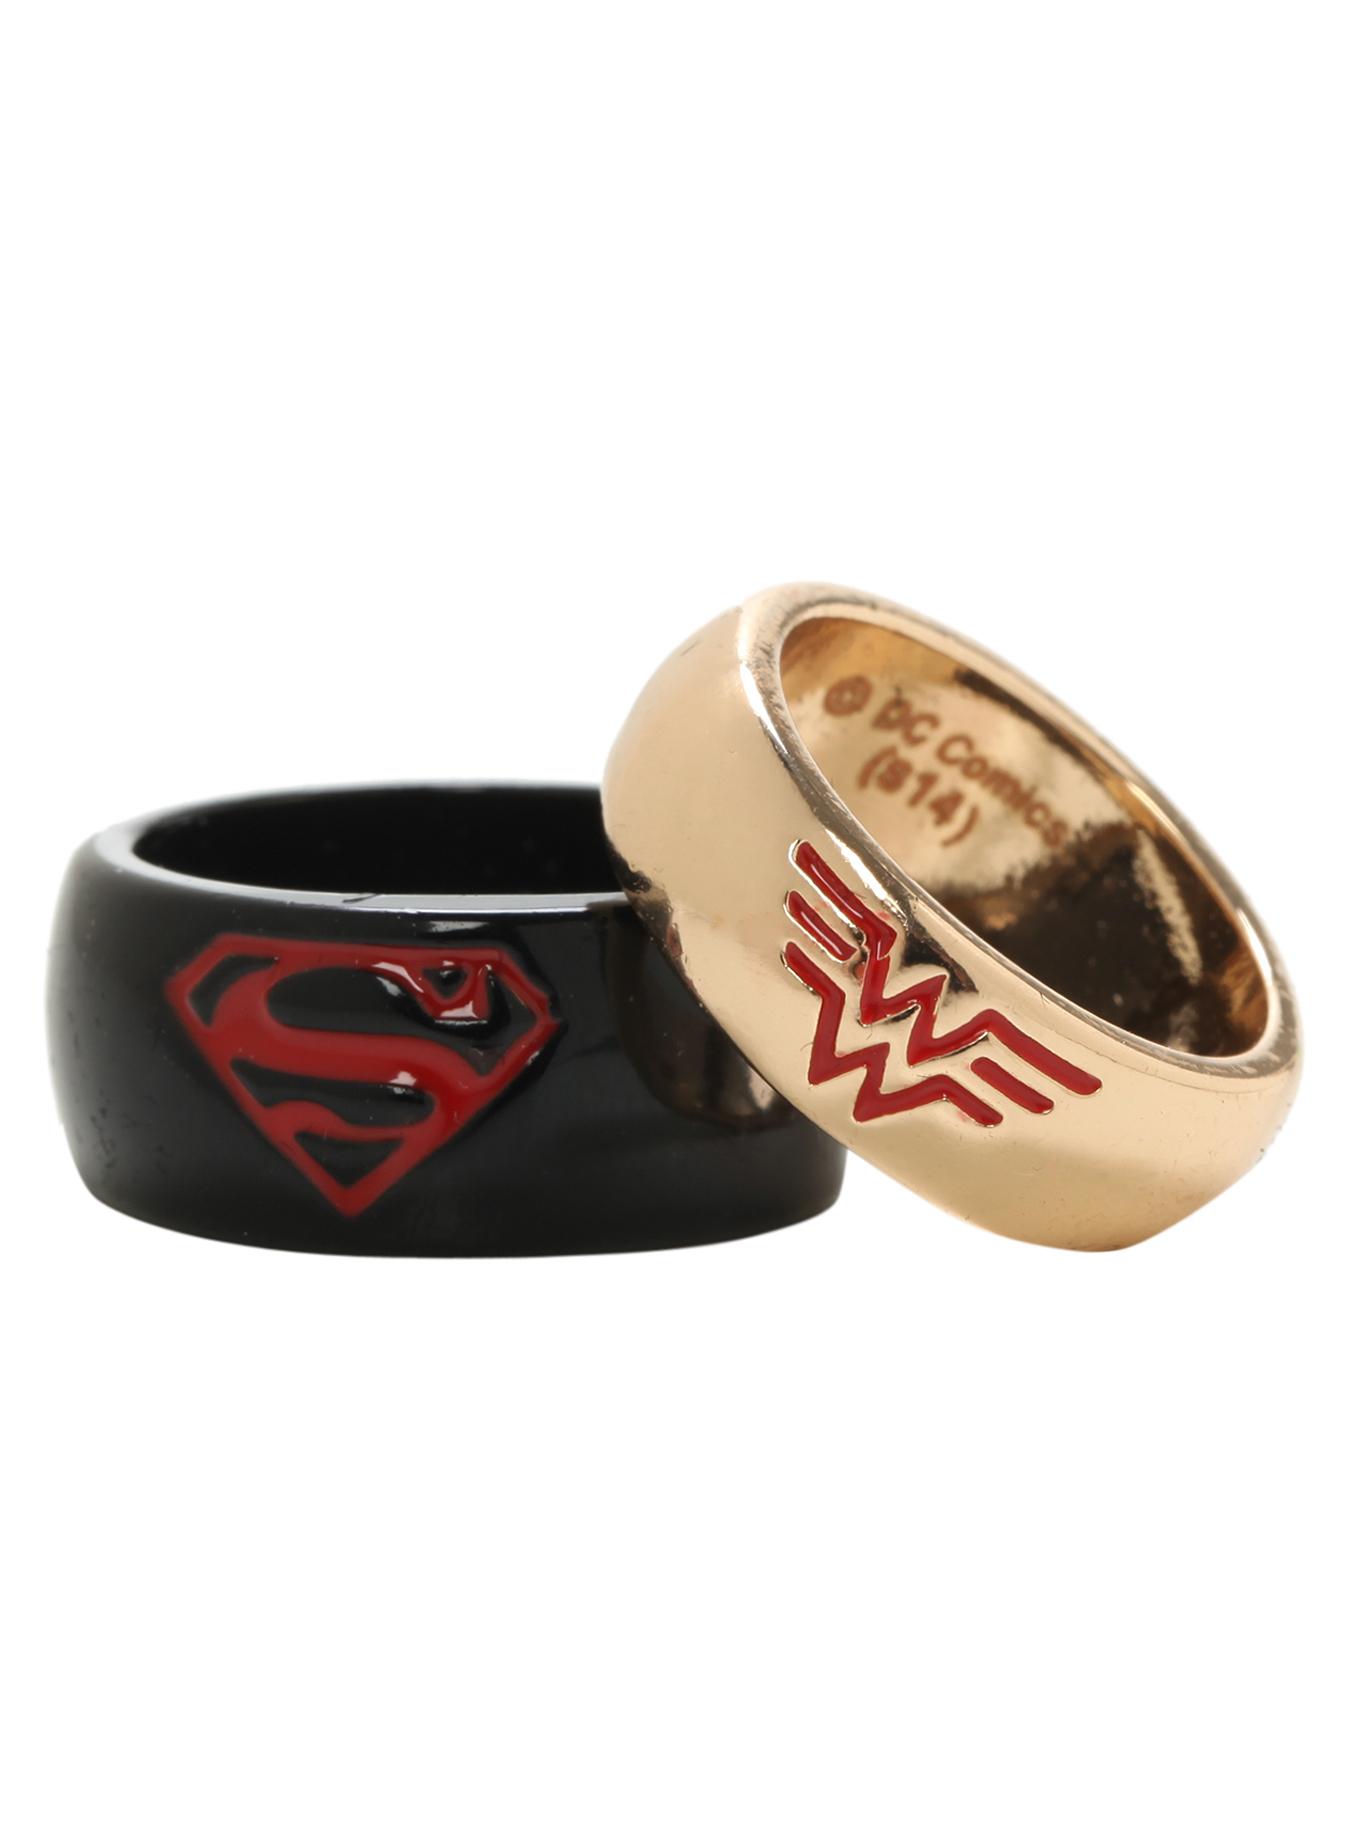 wonder woman ring YpuijzeSu 7CBHSSP yups wonder woman wedding ring Wonder Woman Ring Need It Pinterest Superman